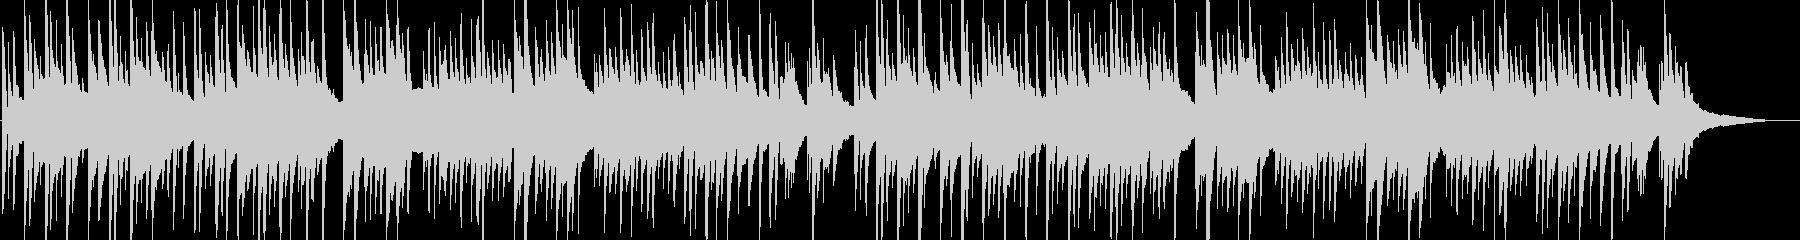 穏やか・安らぎ・癒しのハープソロBGM2の未再生の波形